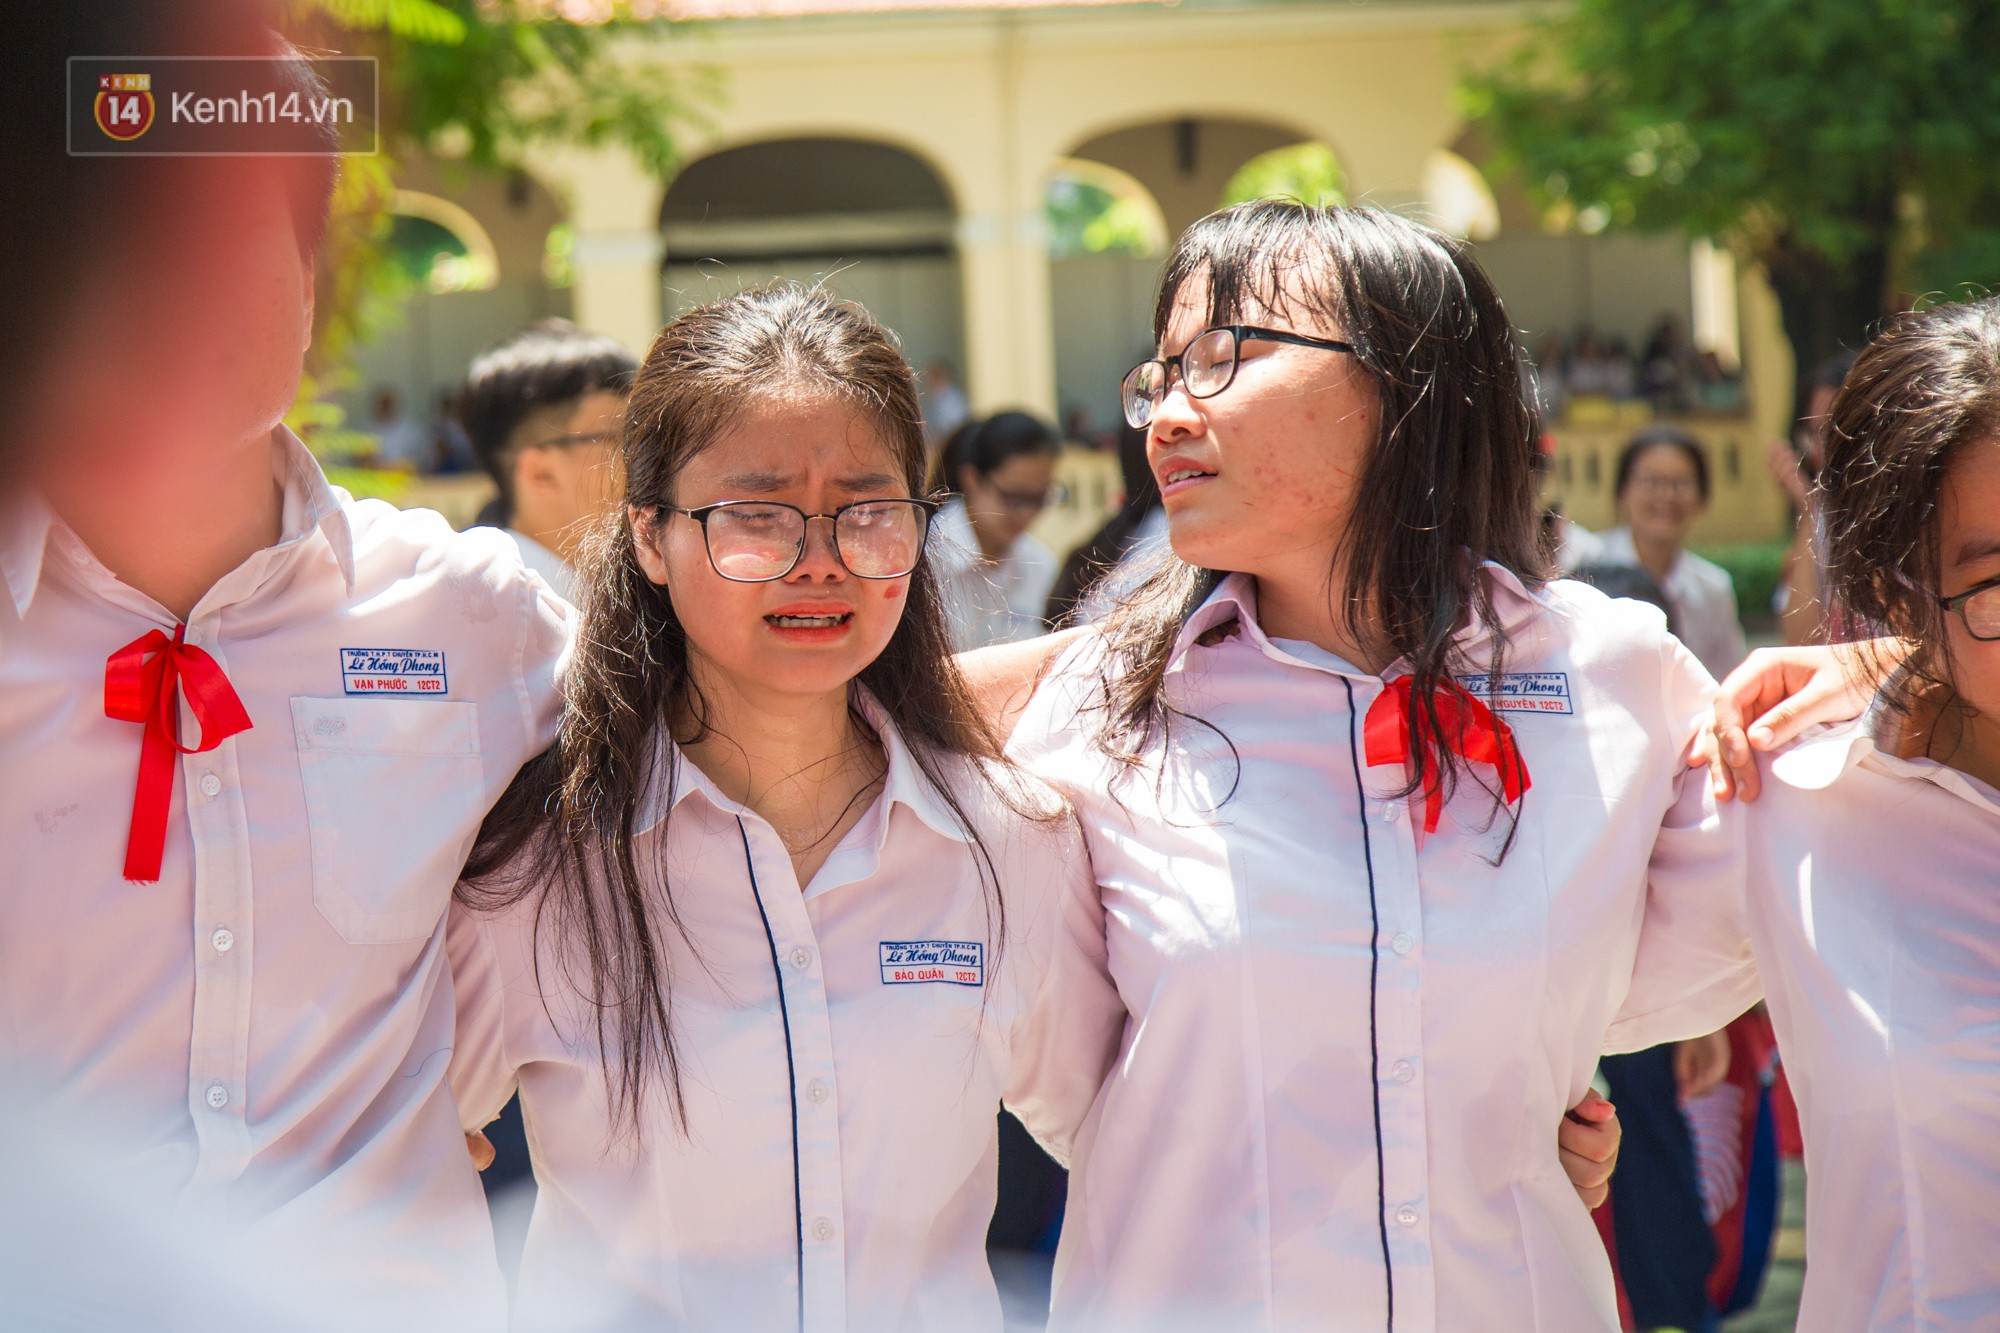 Ngày ra trường của teen Lê Hồng Phong: Nụ cười và nước mắt, bạn tôi ơi xin bên nhau thêm chút nữa! - Ảnh 11.